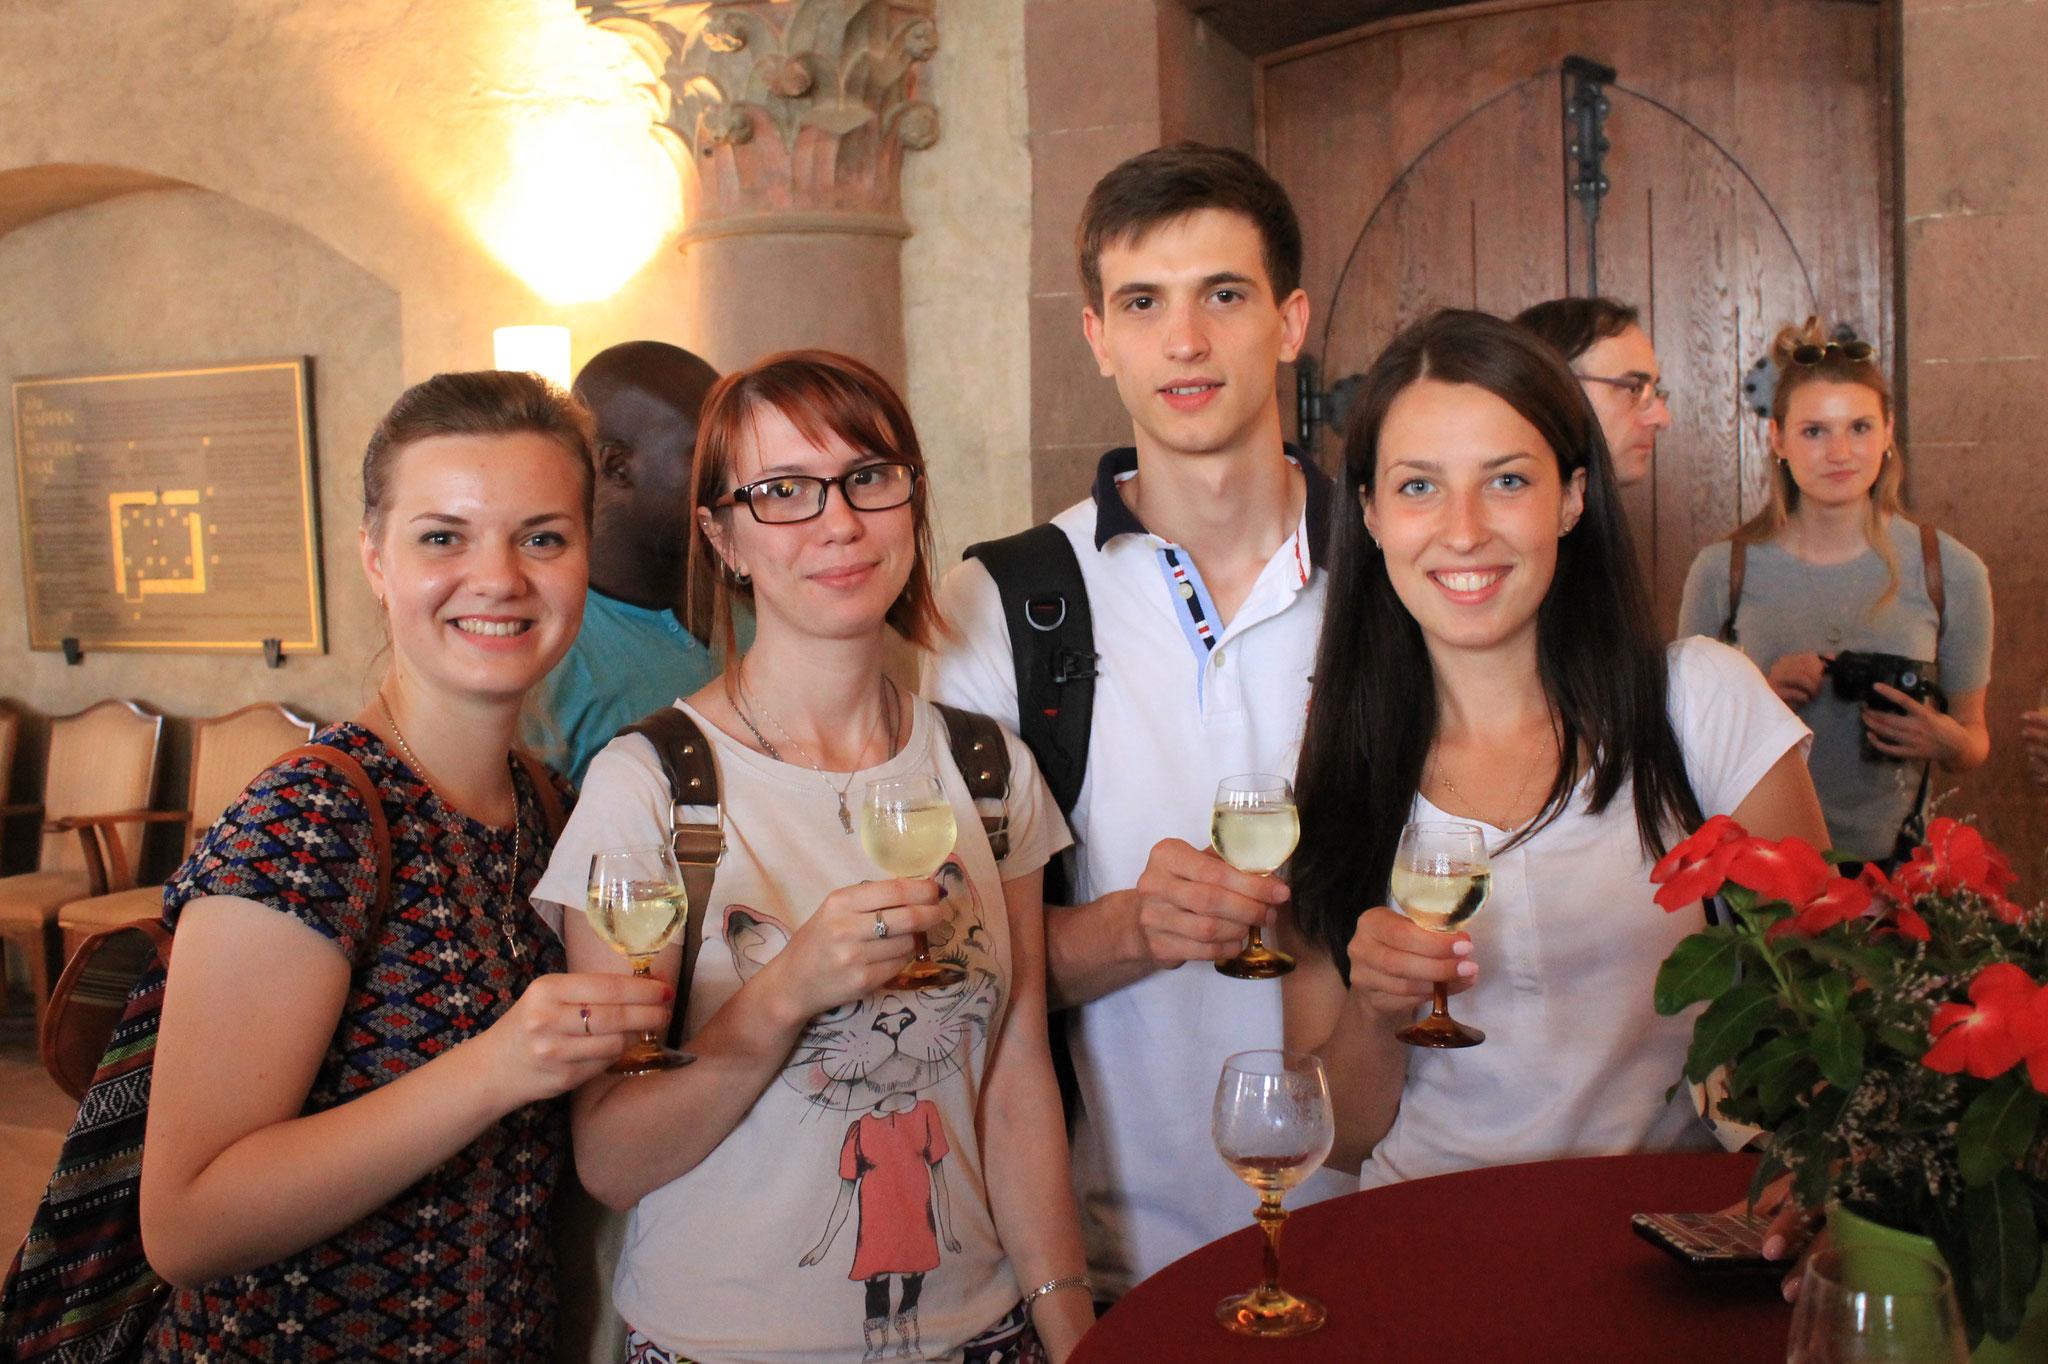 Deutsch-Sommersprachkurs Universität Würzburg, Deutsch lernen in Würzburg, Kulturprogramm, Empfang bei der Stadt Würzburg mit Frankenwein im Rathaus